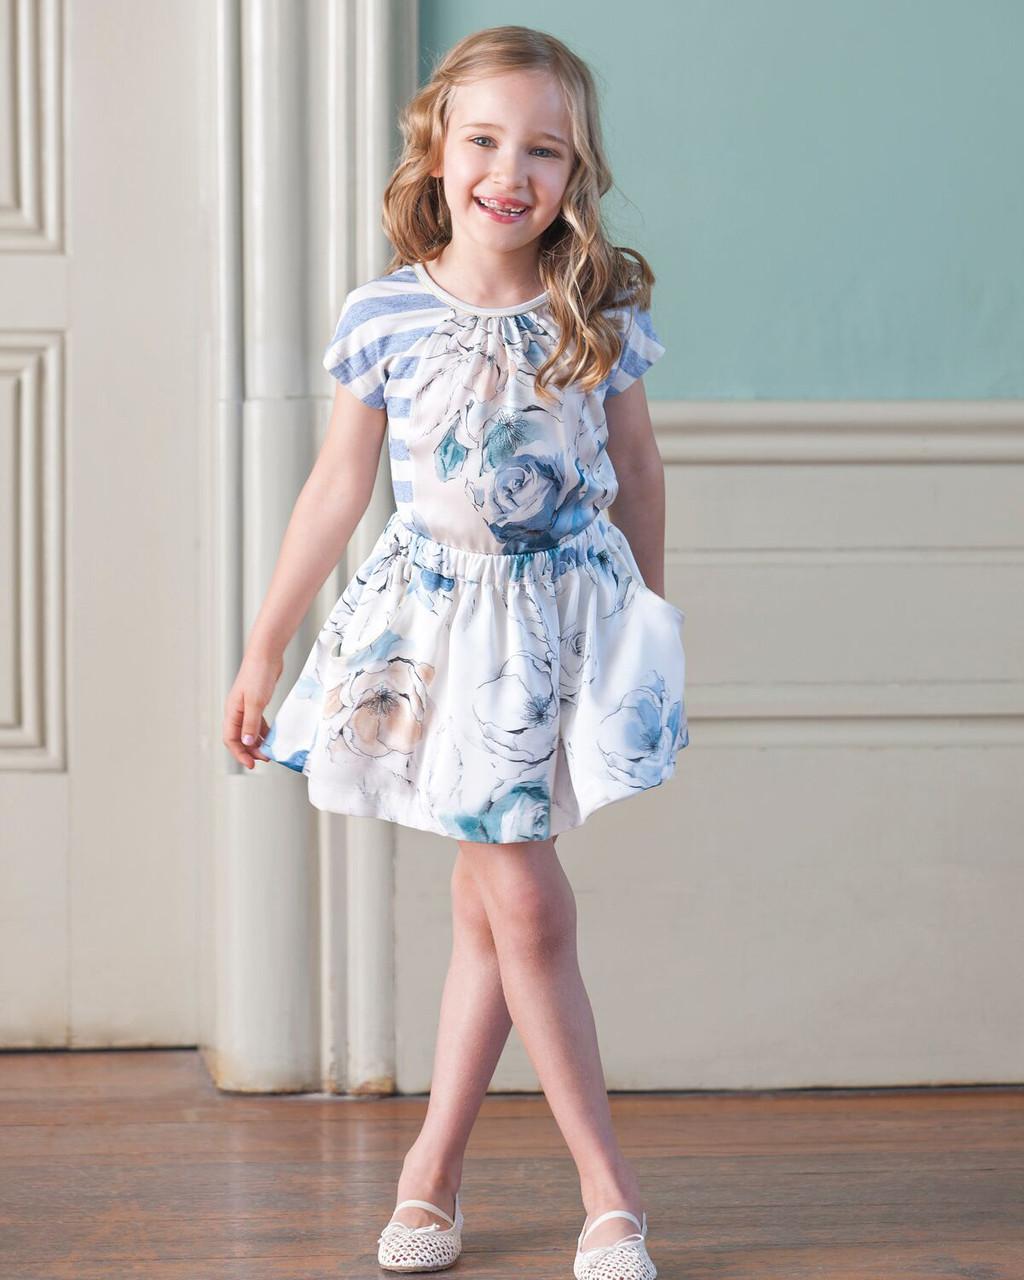 d11eed60a Patachou Floiral Top & Skirt Set - Le Petit Kids